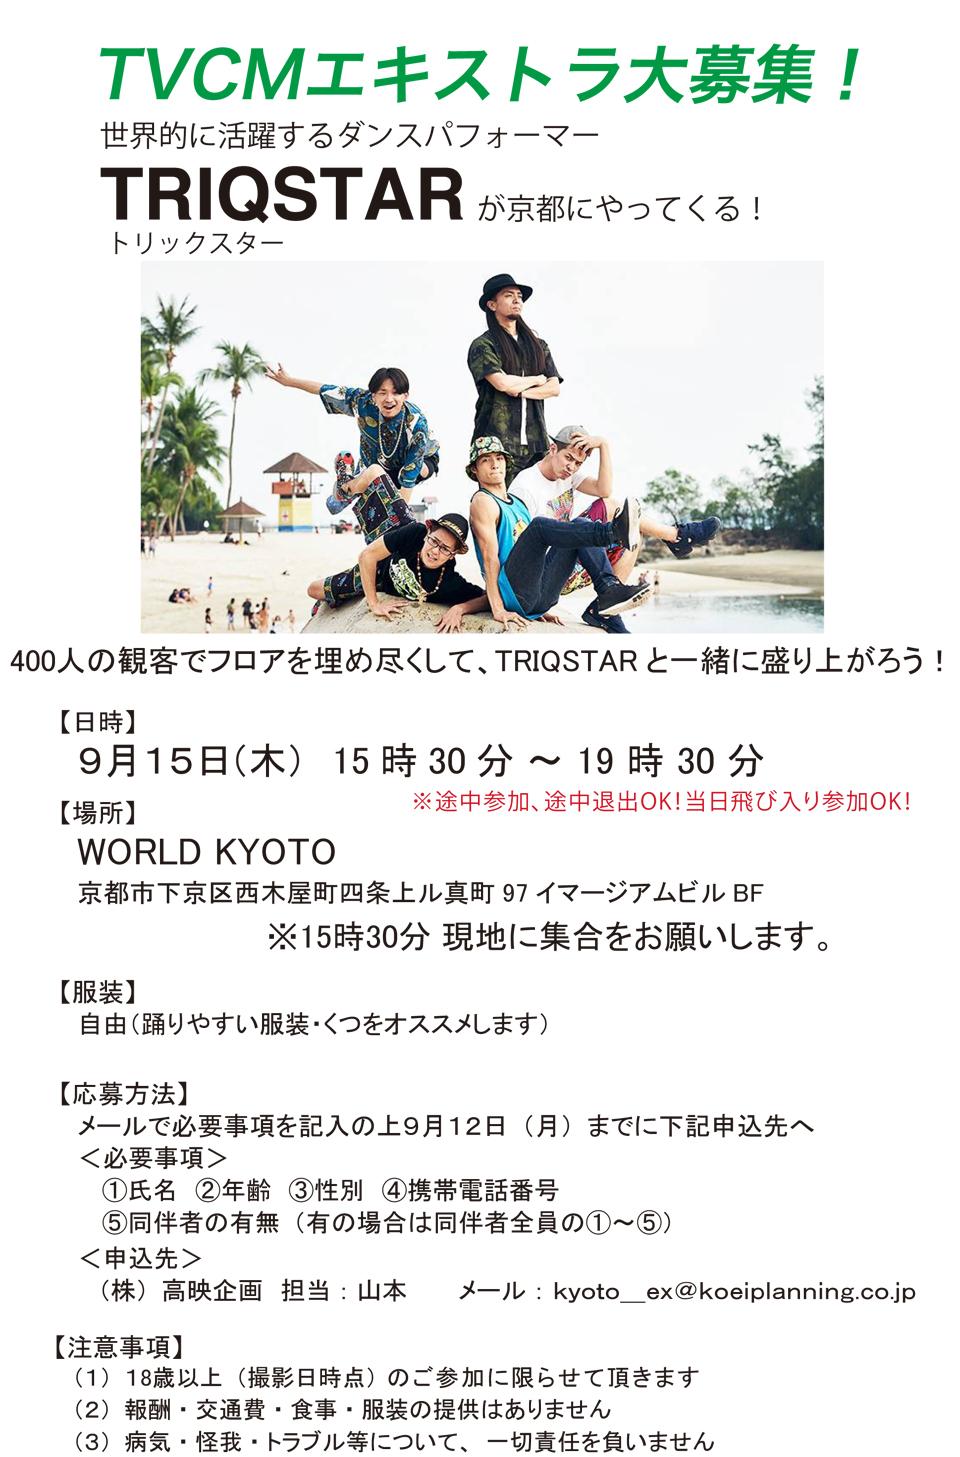 TRIQSTARが京都でCM撮影。9月13日と9月15日にエキストラを大募集